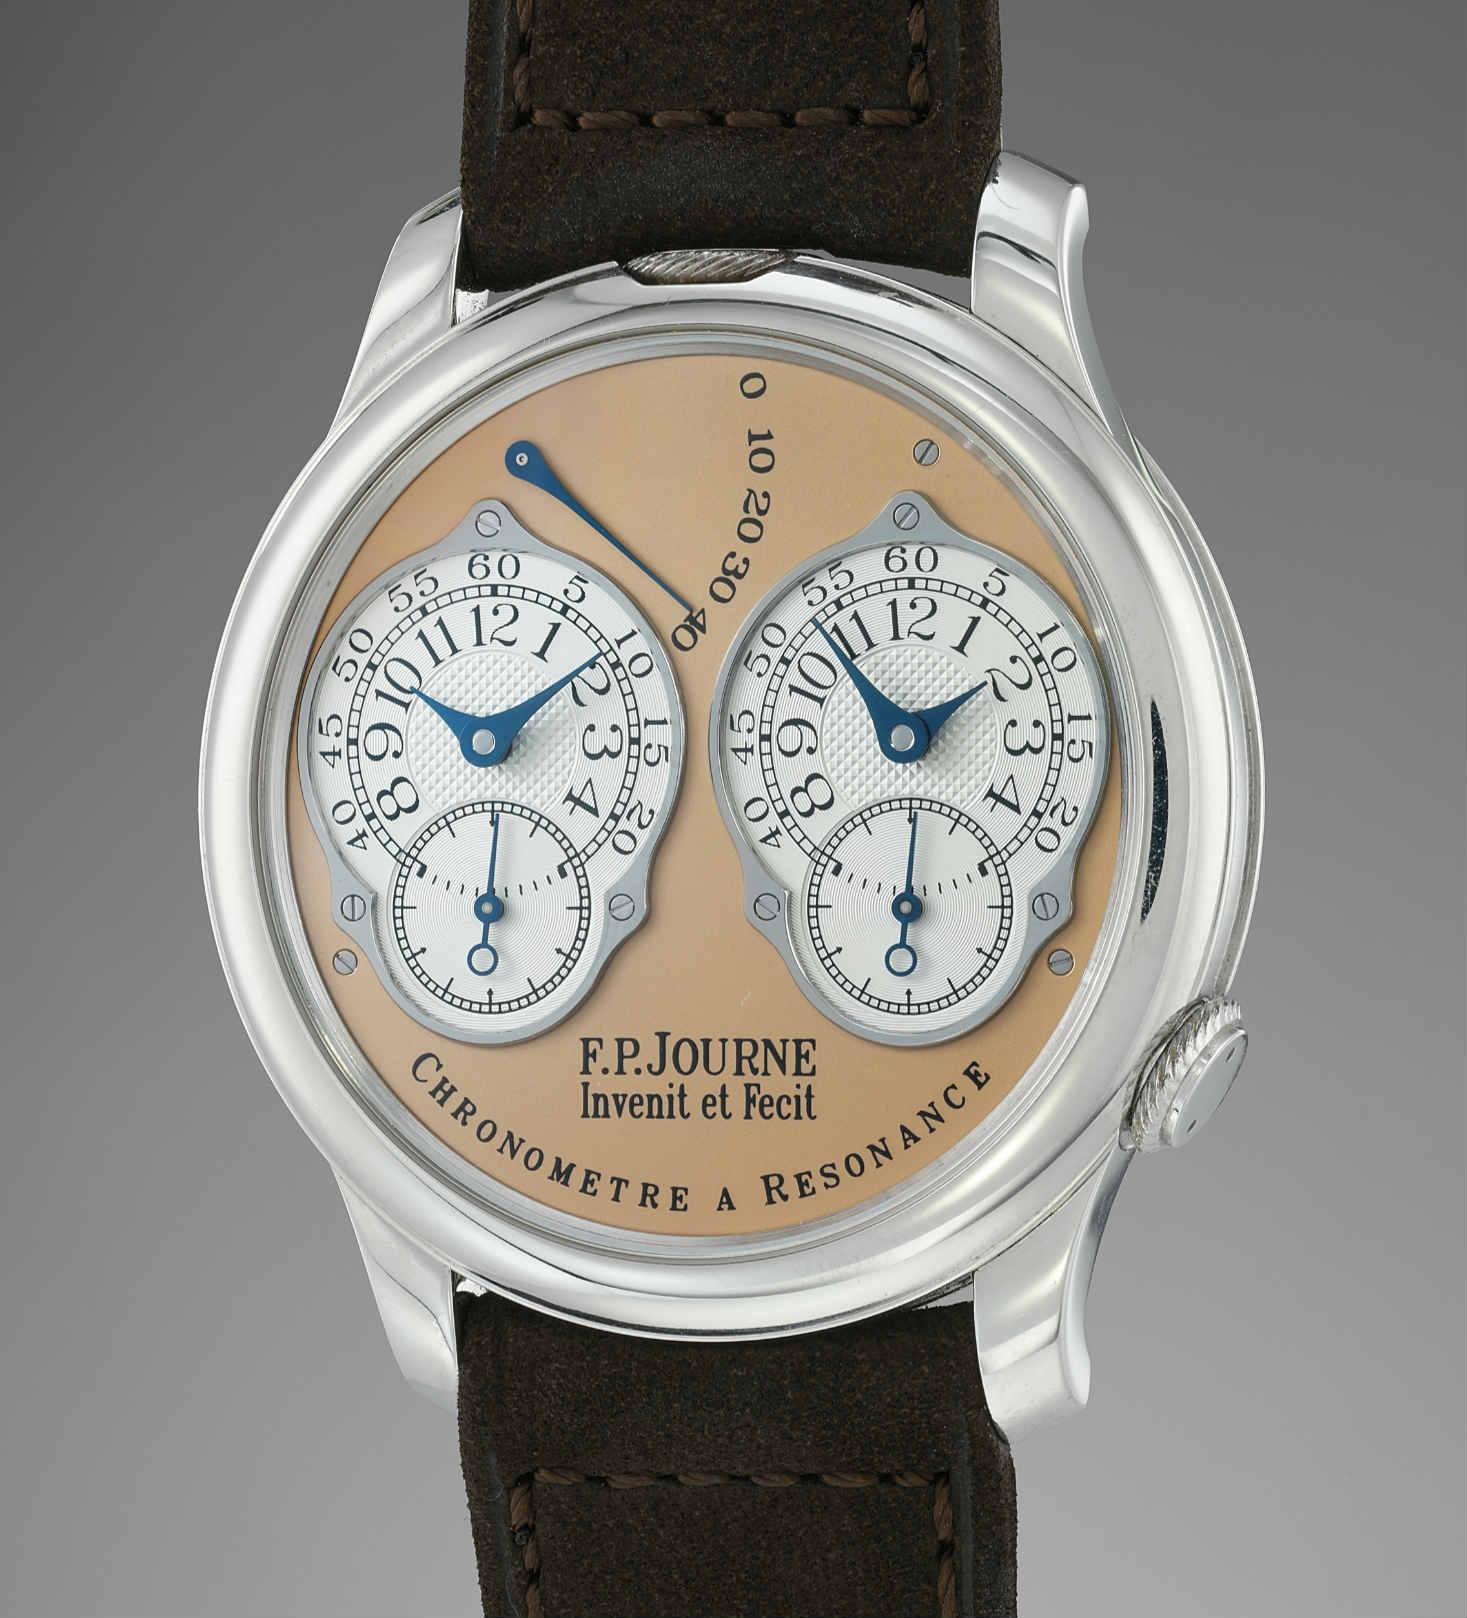 fp journe resonance watch